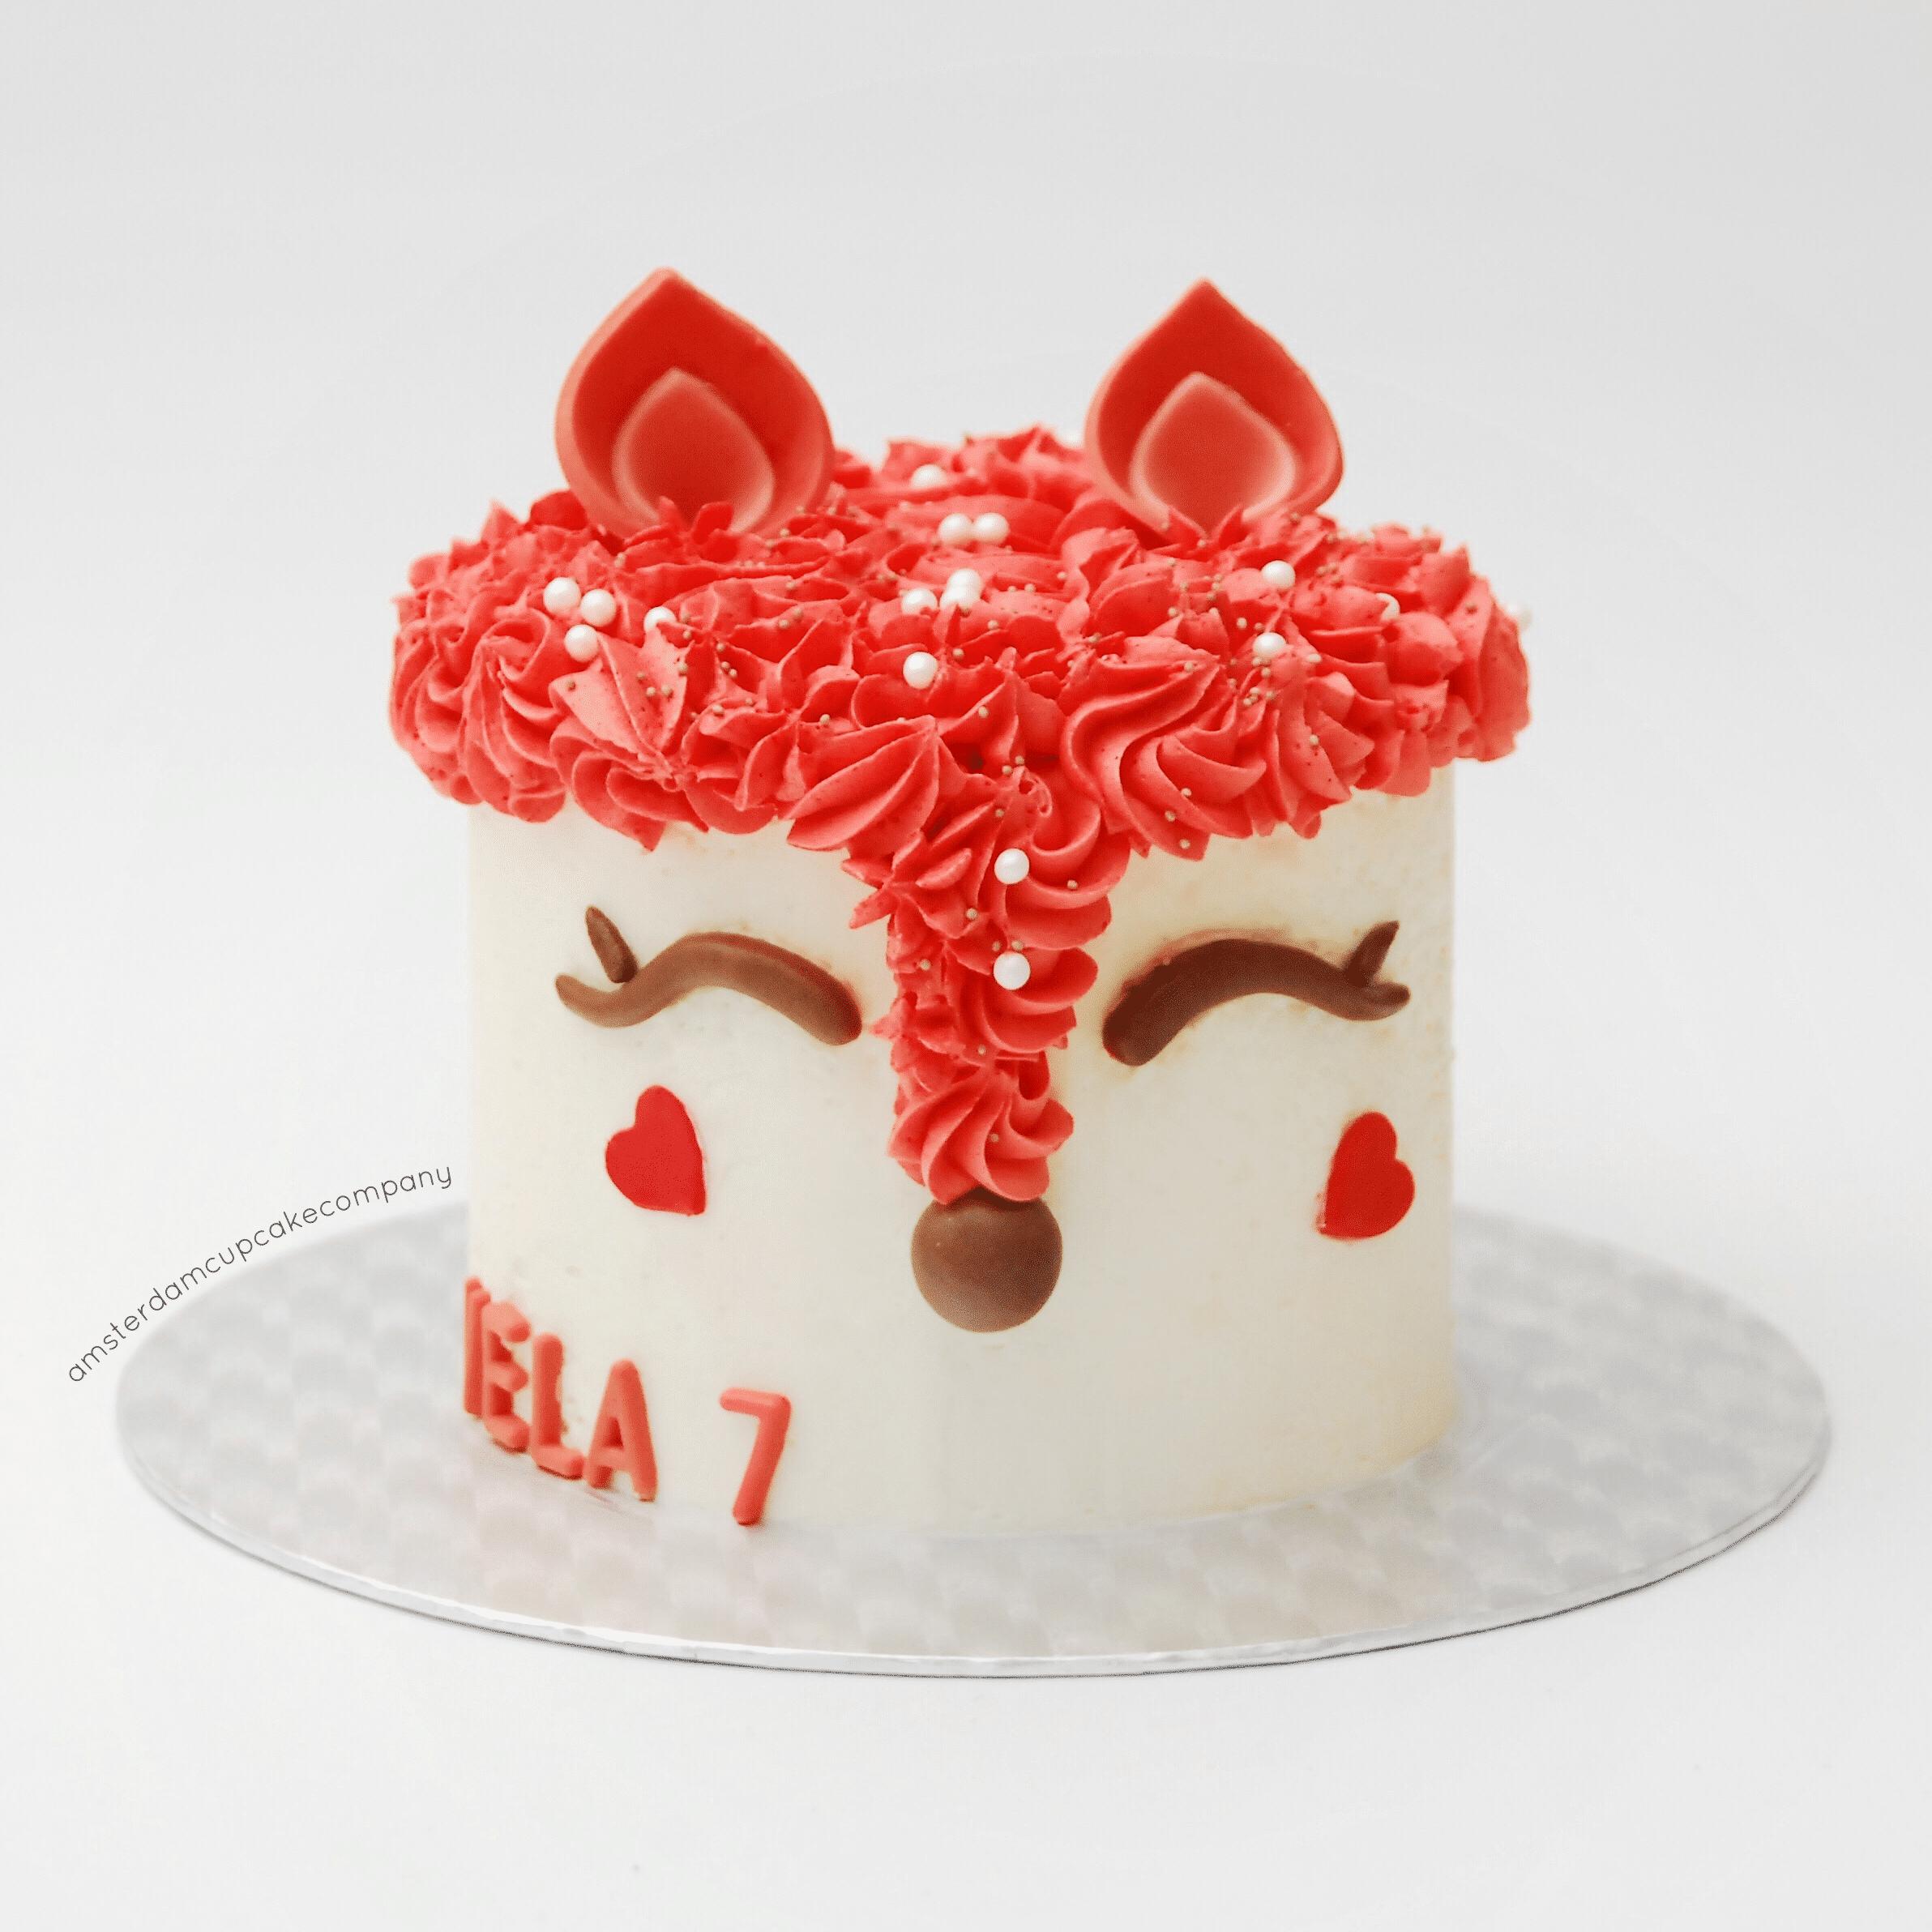 Dierentaart,animal cake, animal themed cake, Dierentaart bestellen Amsterdam,order animal cake Amsterdam, animal themed cake Amsterdam, Cupcakes, Cakes, cakes amsterdam, cake shop amsterdam, cupcake winkel amsterdam, taart amsterdam kopen, red velvet amsterdam, red velvet kopen, birthday cake amsterdam, verjaardagstaart amsterdam, red velvet cake, red velvet taart, american red velvet amsterdam, red velvet cake amsterdam, red velvet cake bestellen, wedding cake, bruidstaart, thema taart, theme cake, customized cake, corporate cake, big cake amsterdam, grote taart bestelling, stapeltaart bestellen, gender reveal cake amsterdam, gender reveal taart amsterdam, birthdayparty cake, kinderfeestje traktatie, , online taarten winkel, online taarten kopen, online taarten bestellen, webshop cakes, order cakes online, bakery amsterdam, amsterdam bakkerij, american bakery amsterdam, cheesecake kopen, cheesecake bestellen, red velvet cheesecake, birthdayparty cake, cupcake amsterdam, cupcakes kopen, cupcakes bestellen, online cupcake winkel, online cupcakes kopen, online cupcakes bestellen, webshop cupcakes, order cupcakes online, bakery amsterdam, cakepops amsterdam, cakepop winkel amsterdam, cakepops bestellen, cupcakes traktatie, corporate cupcakes, corporate cake, corporate gift, zakelijke cupcakes, fair trade gebak, fair trade taart, fair trade cake, fair trade cupcakes